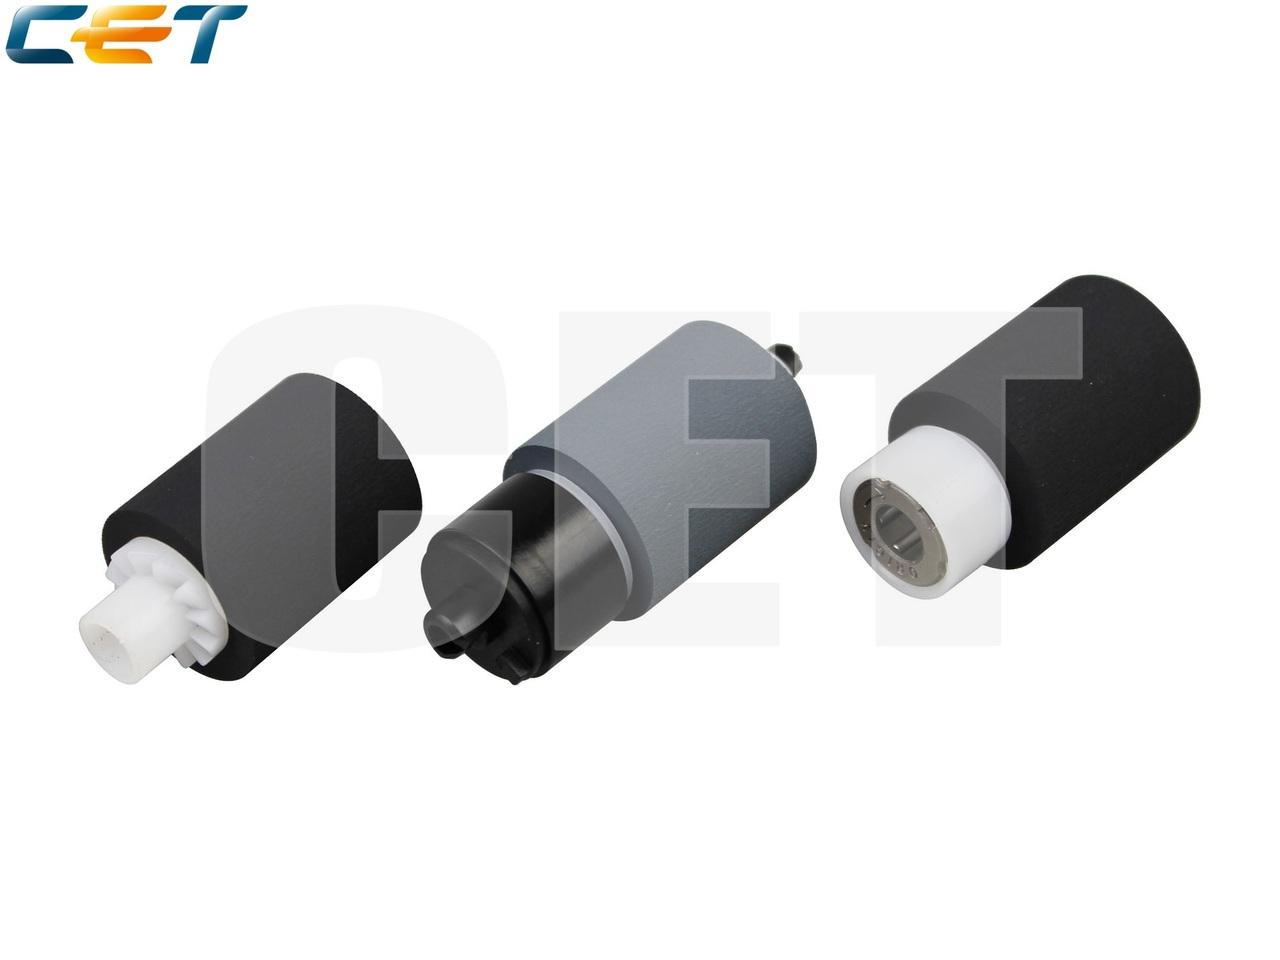 Комплект роликов 2BR06521, 2F906230, 2F906240 дляKYOCERAFS-1028/1128MFP/1030MFP/1130MFP/1035MFP/1135MFP/1100/1300D (CET), CET8090, CET8090R